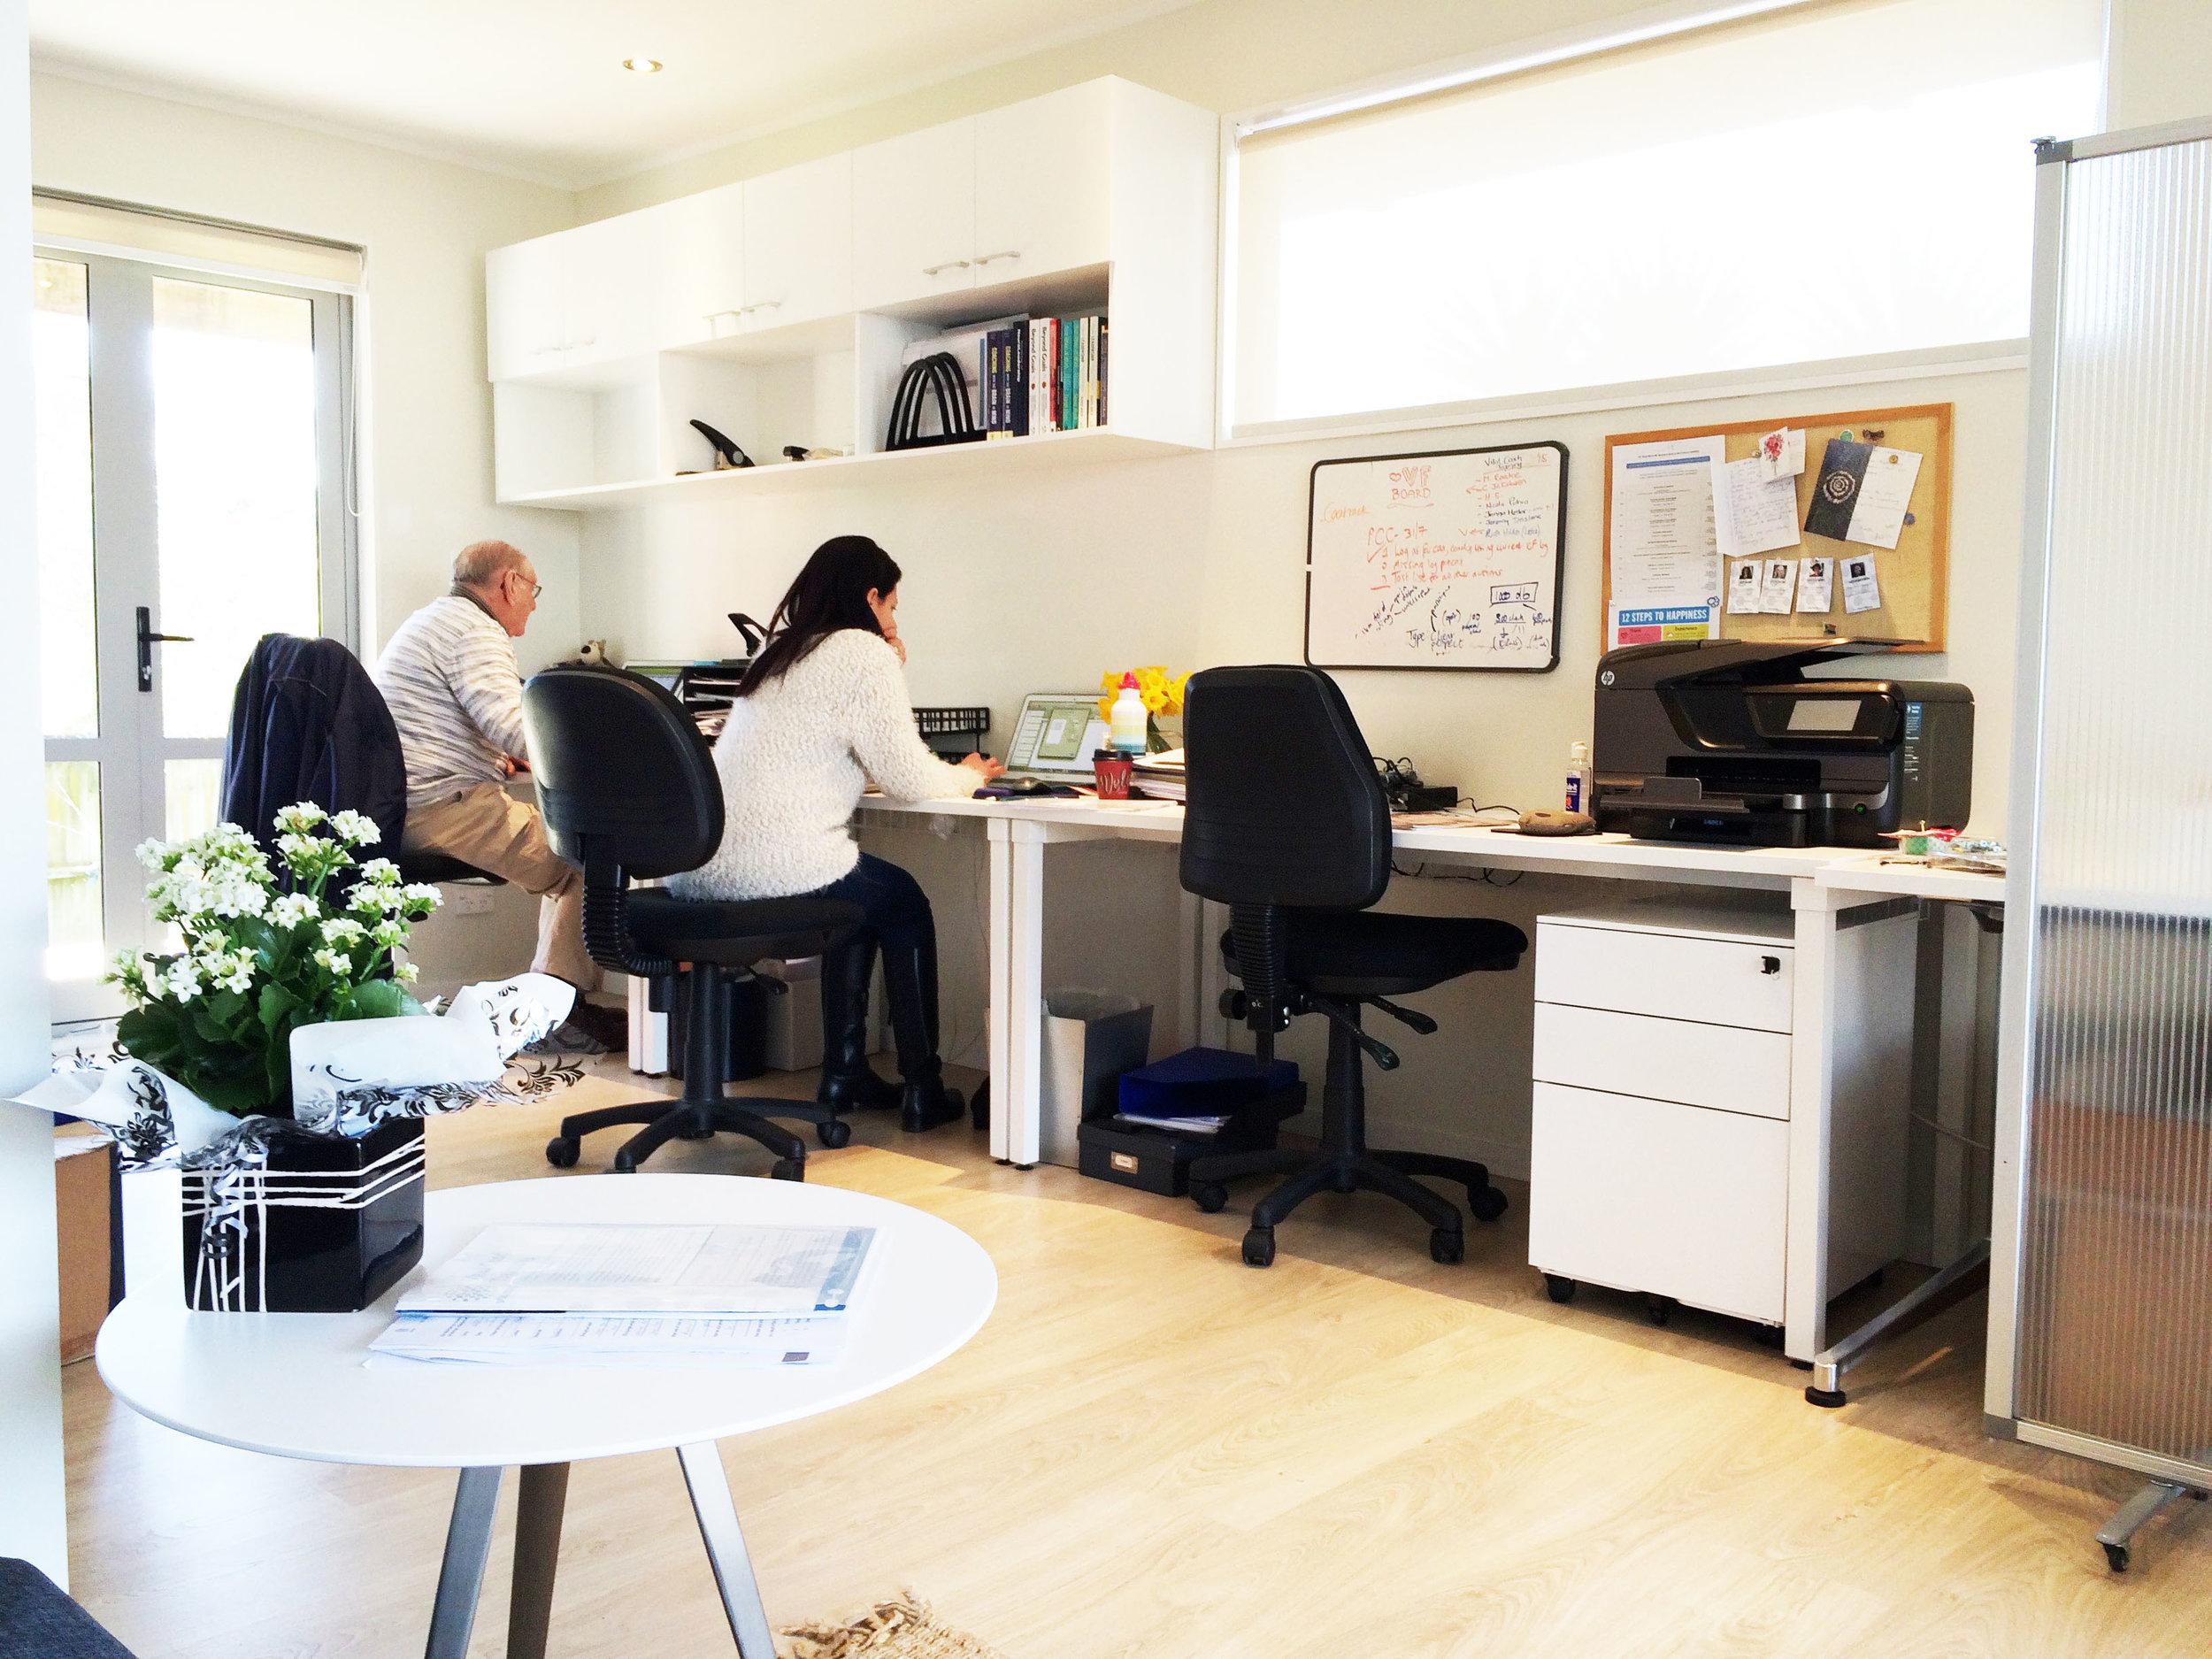 Virtual Futures interior design